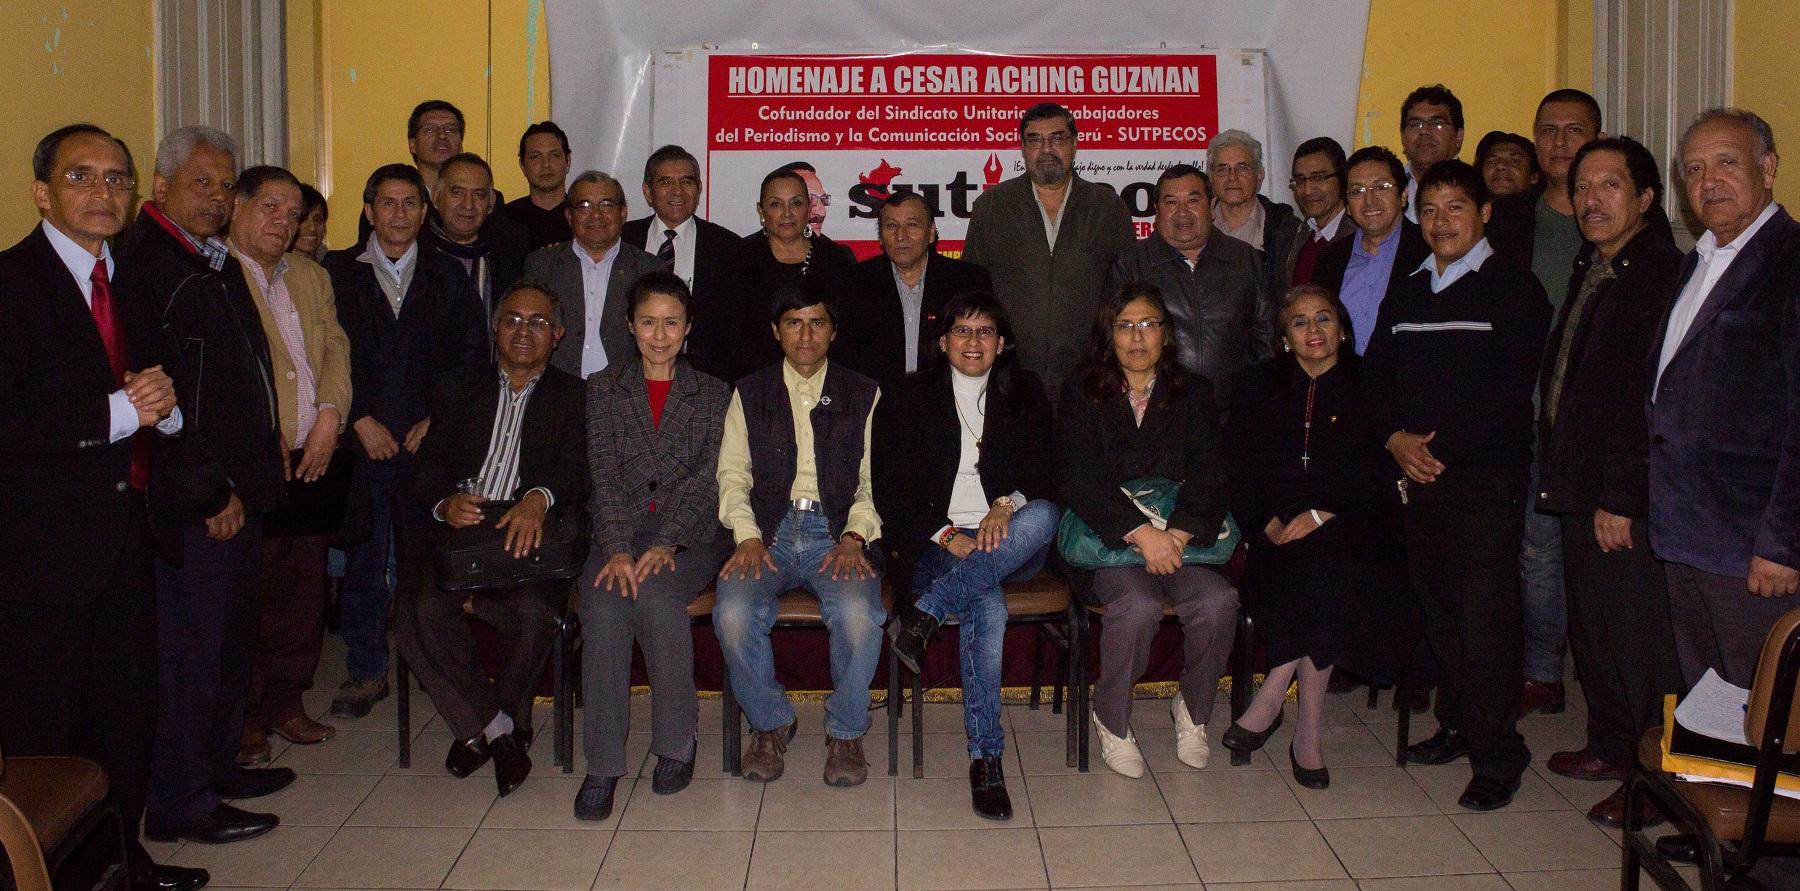 Perú: Sutpecos nace en el ajetreo de la lucha democrática contra el orden establecido